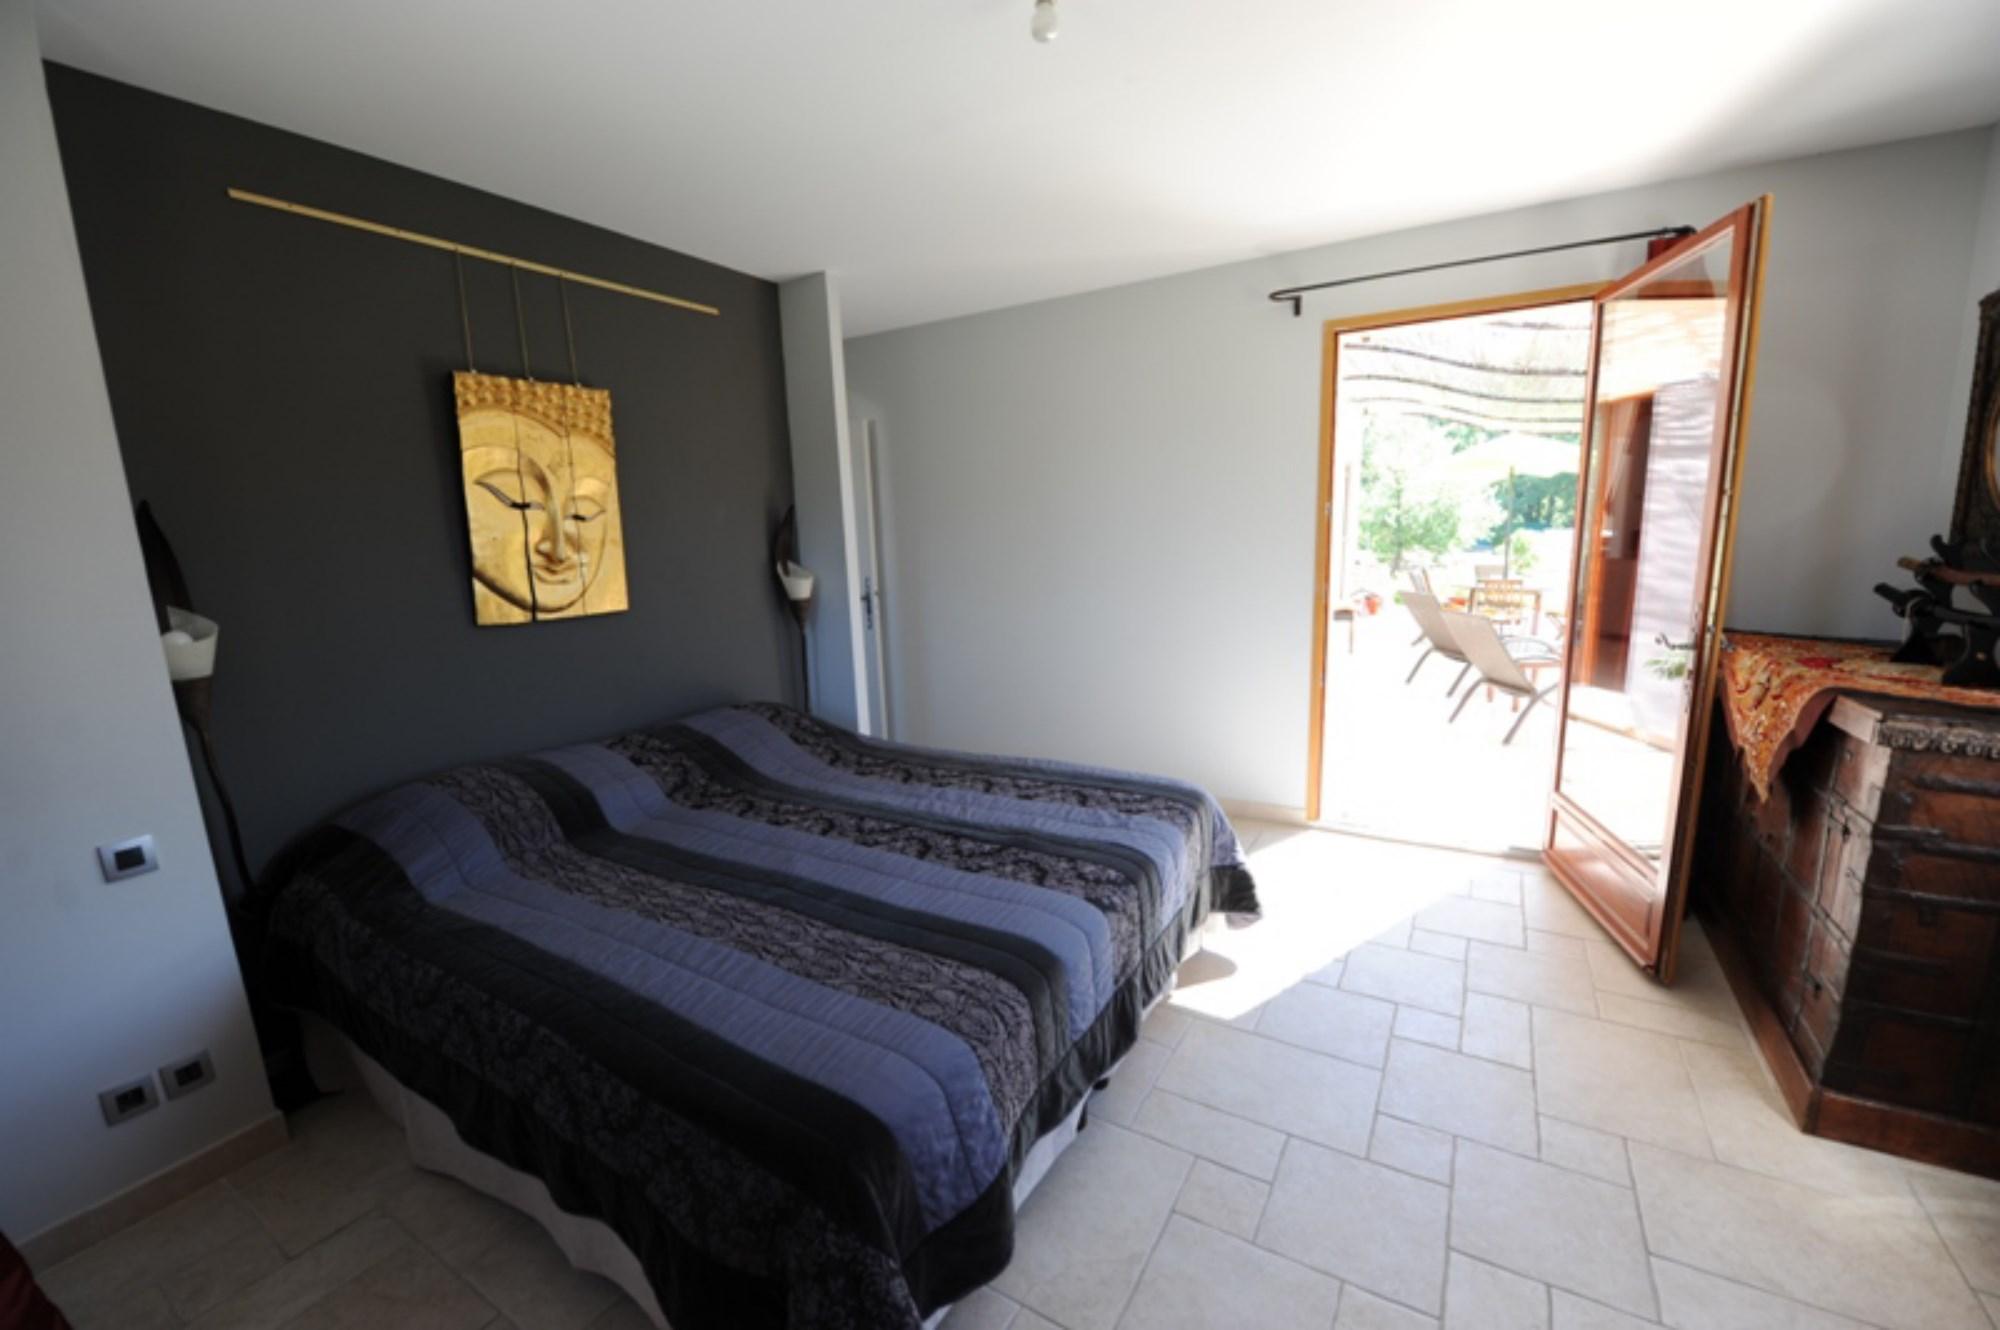 A vendre,  près d'un beau village perché, villa contemporaine avec volumes et luminosité,  jardin paysager et piscine